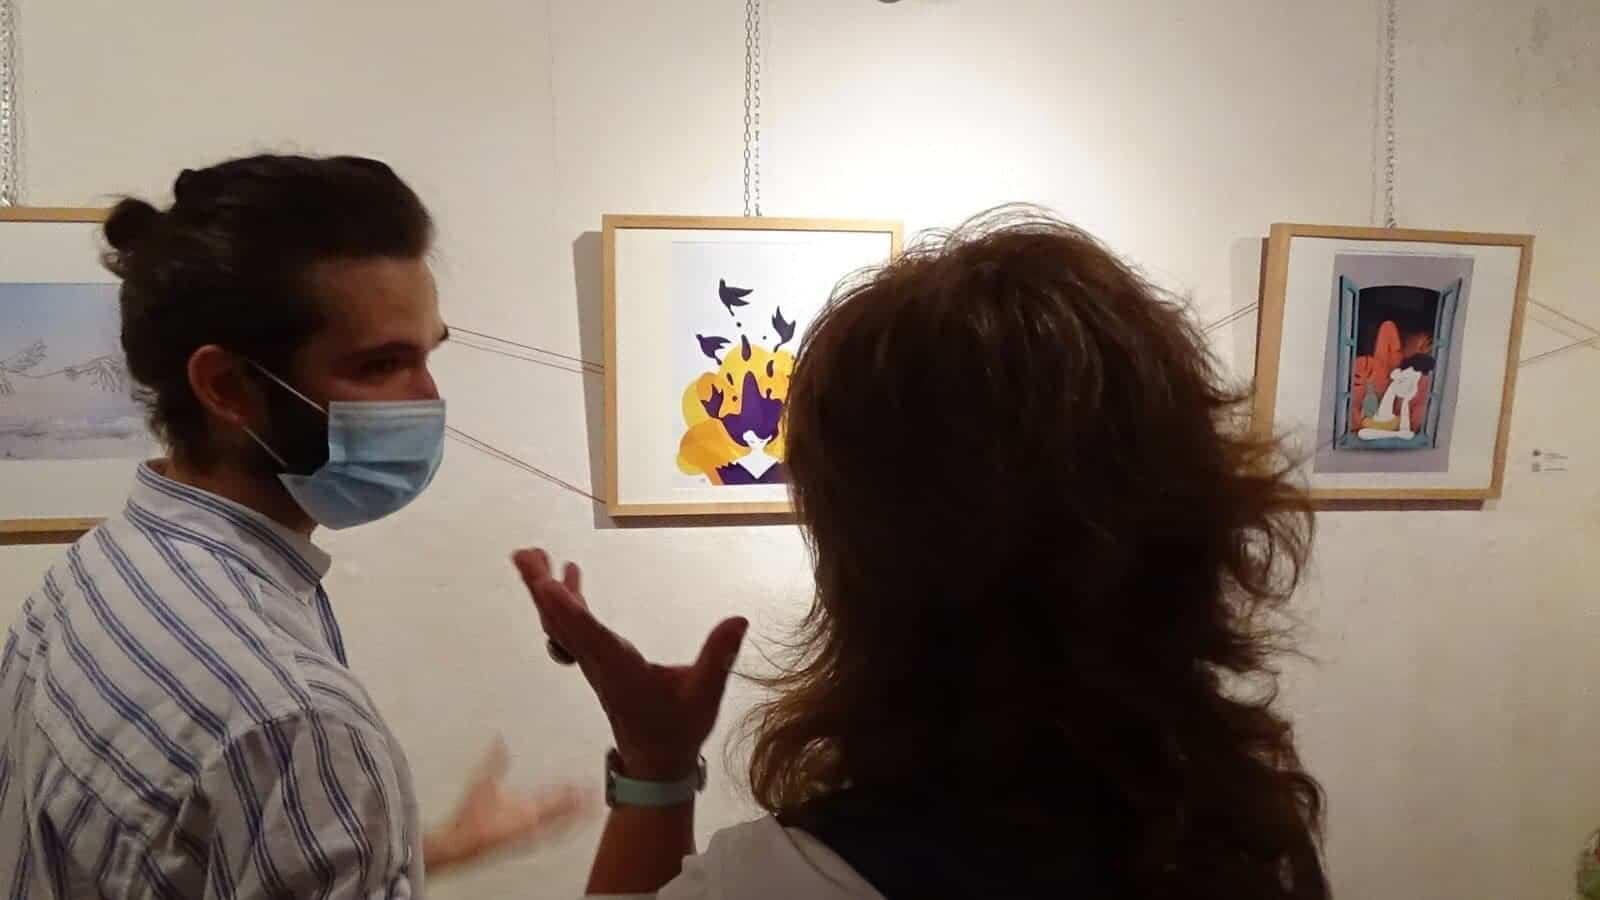 inauguaracion ArteJovenHerencia 4 - Inauguración de la Exposición Multicultural de Jóvenes Herencianos #ArteJovenHerencia